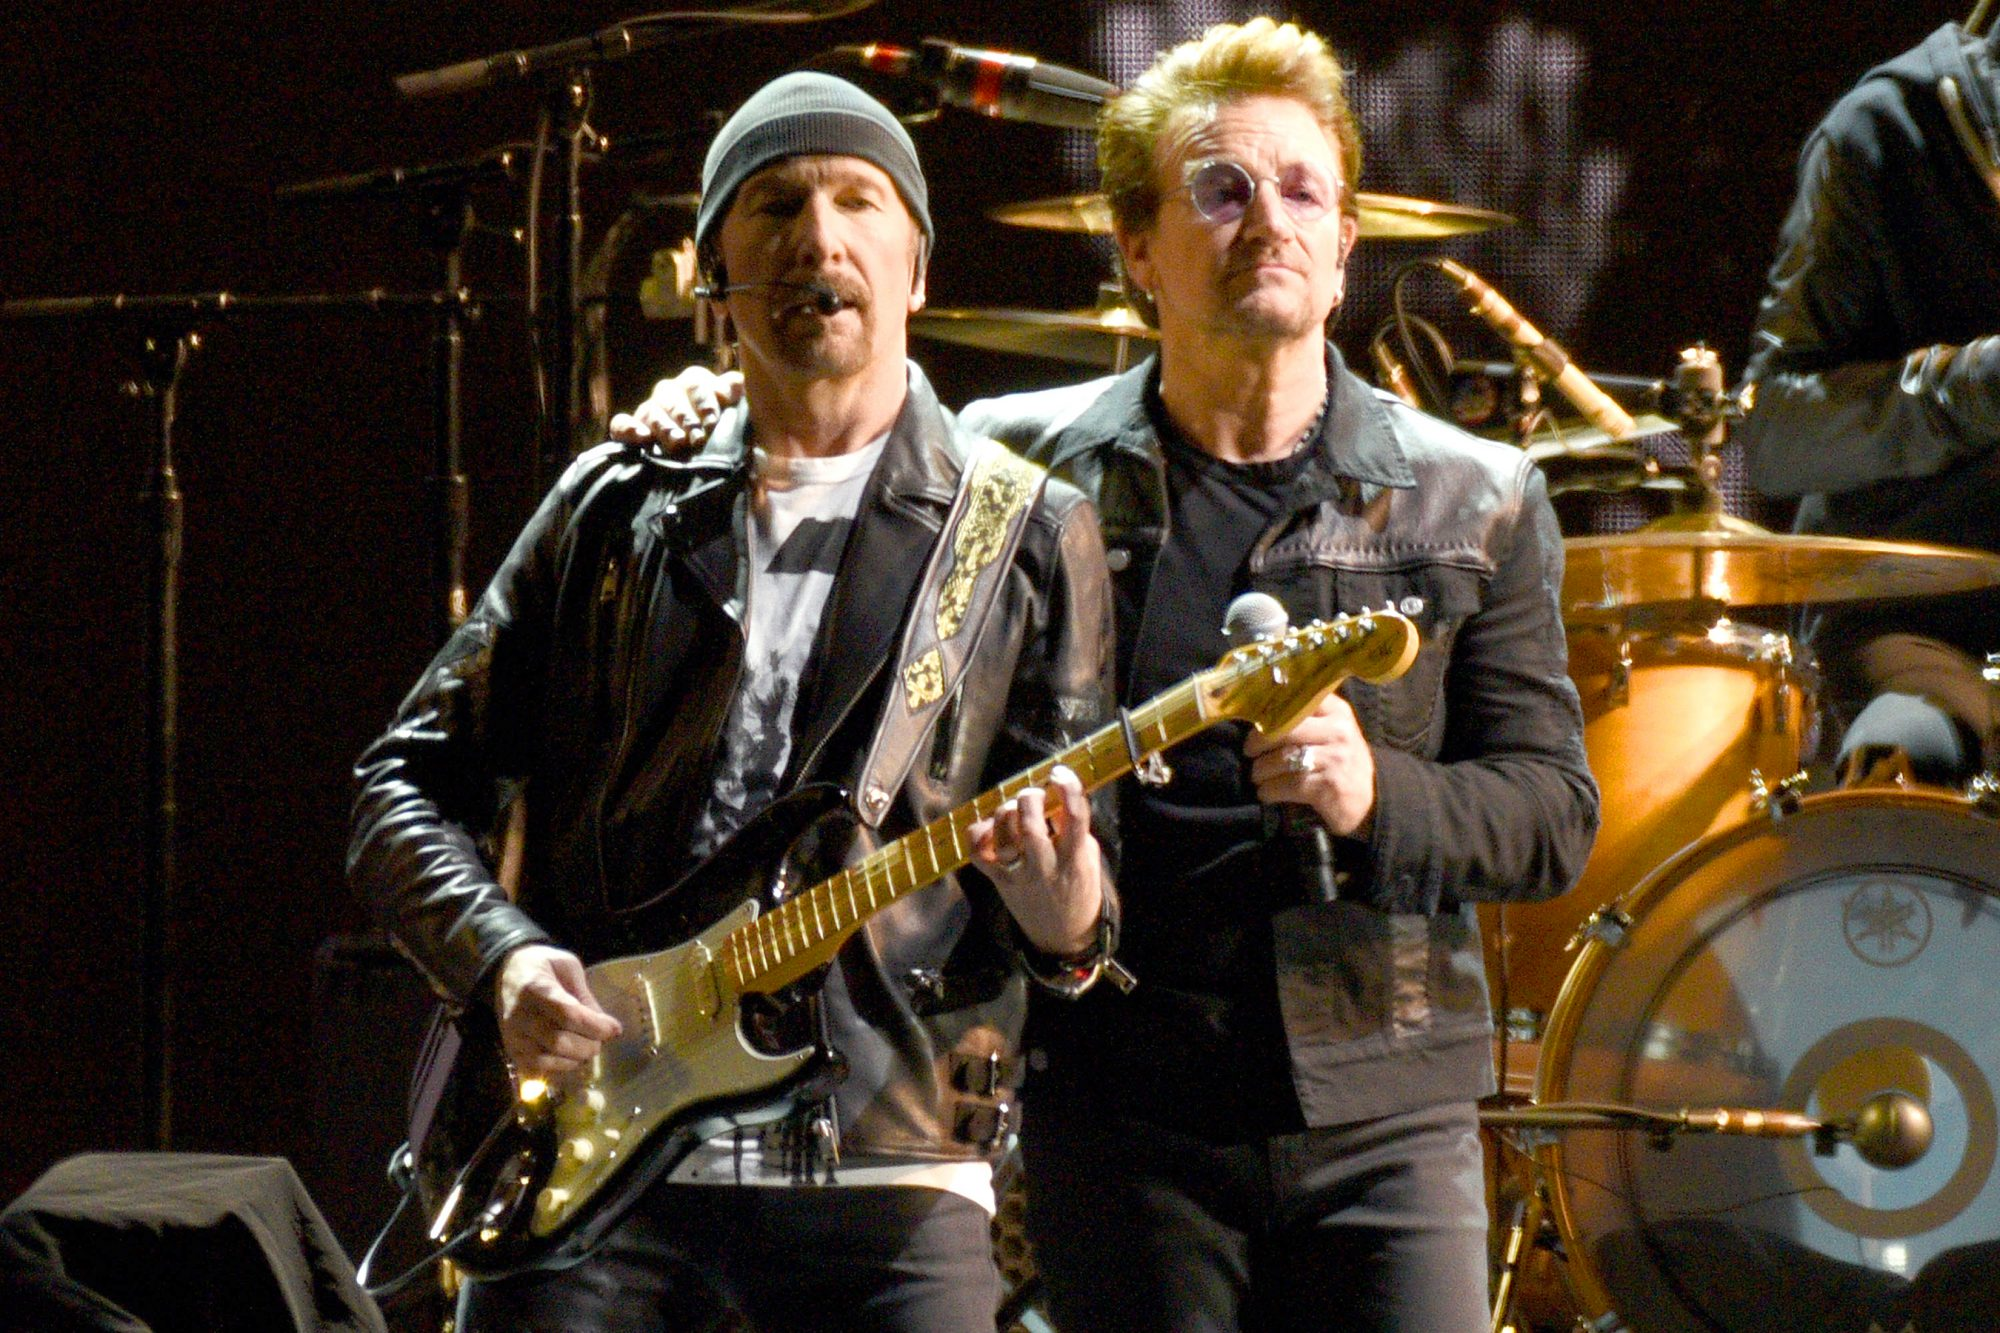 U2 Performs At Levi's Stadium